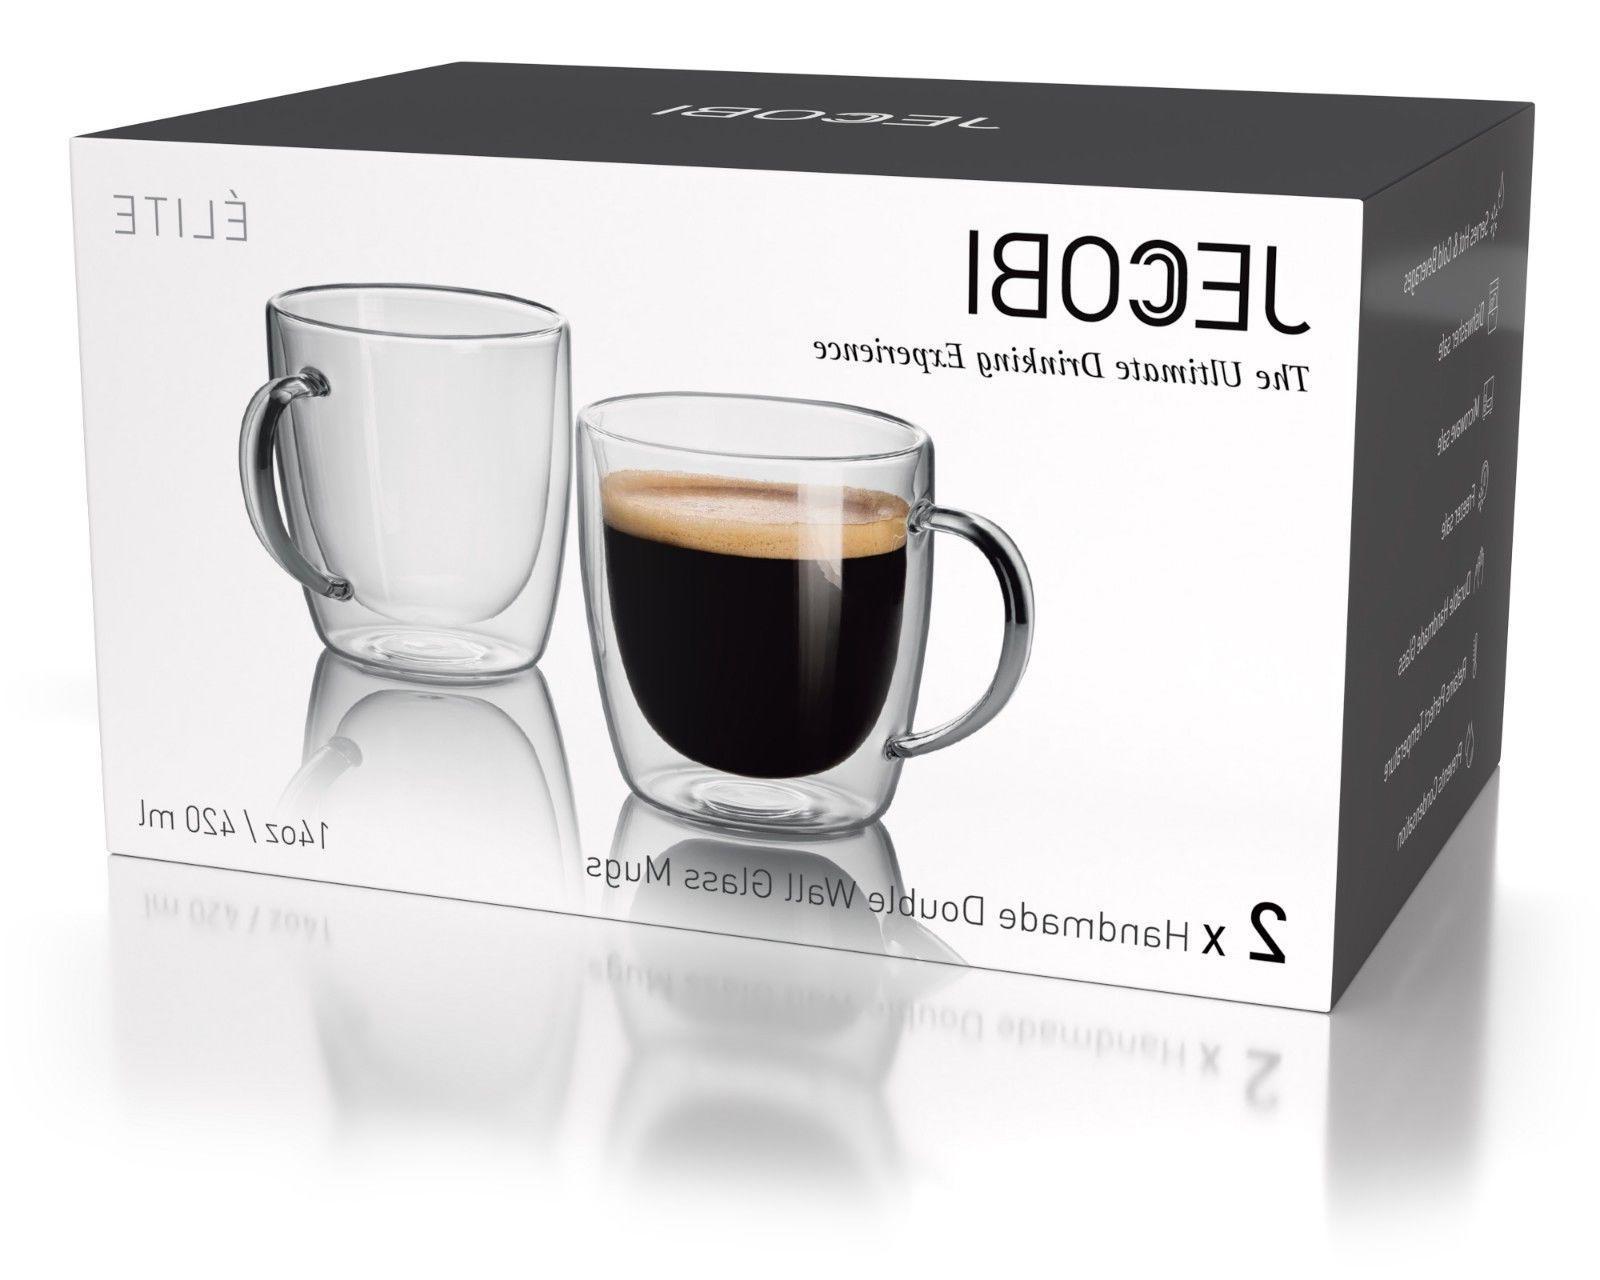 JECOBI Double Wall Mug Tea Mug Espresso 14 oz